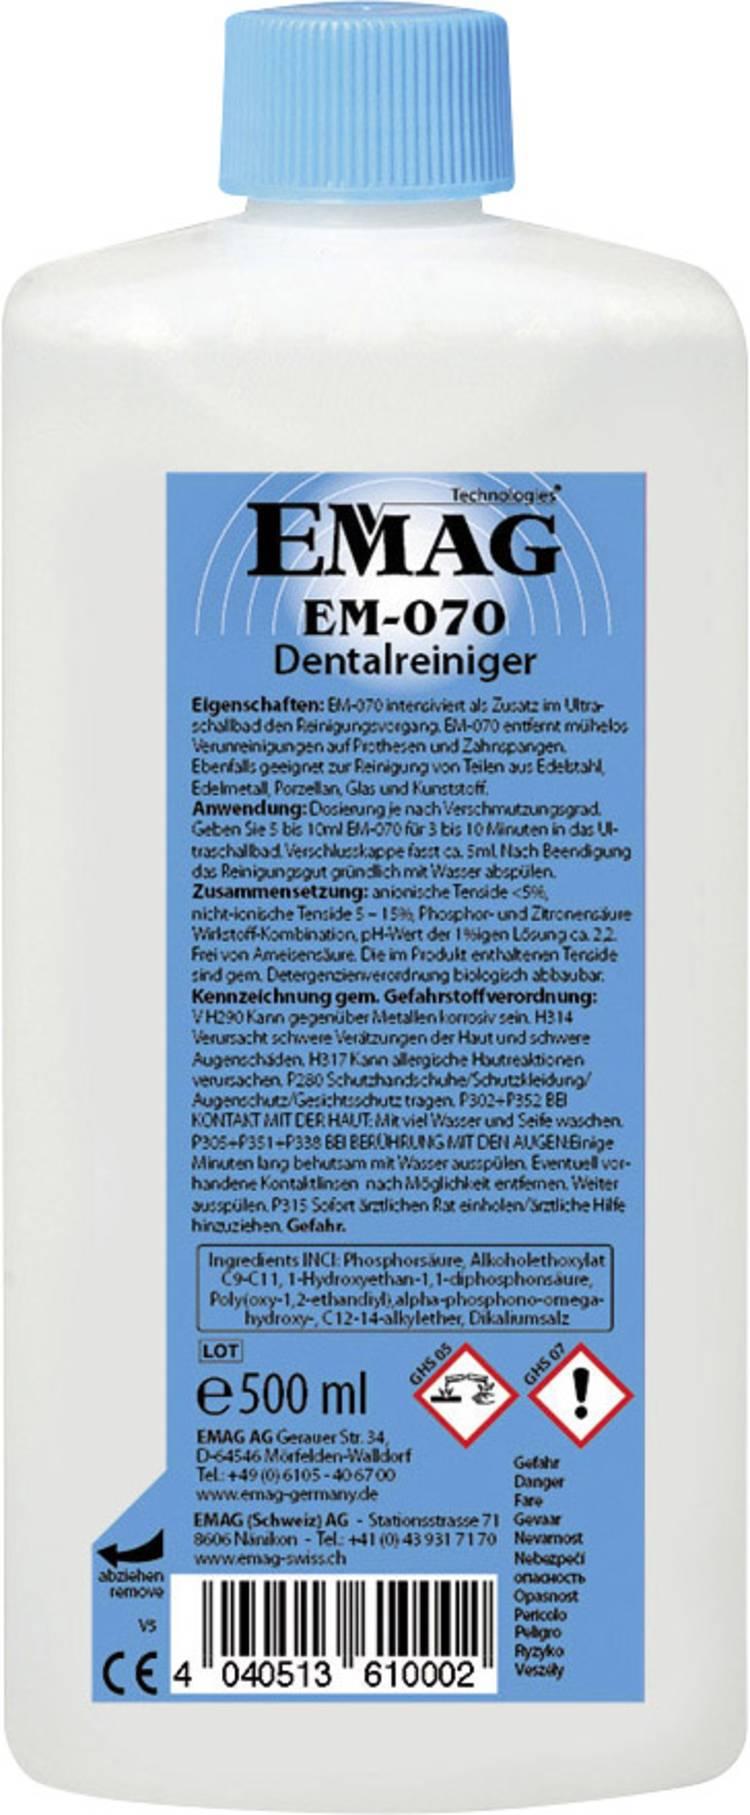 Emag EM070 Reinigingsconcentraat Tandheelkunde 500 ml